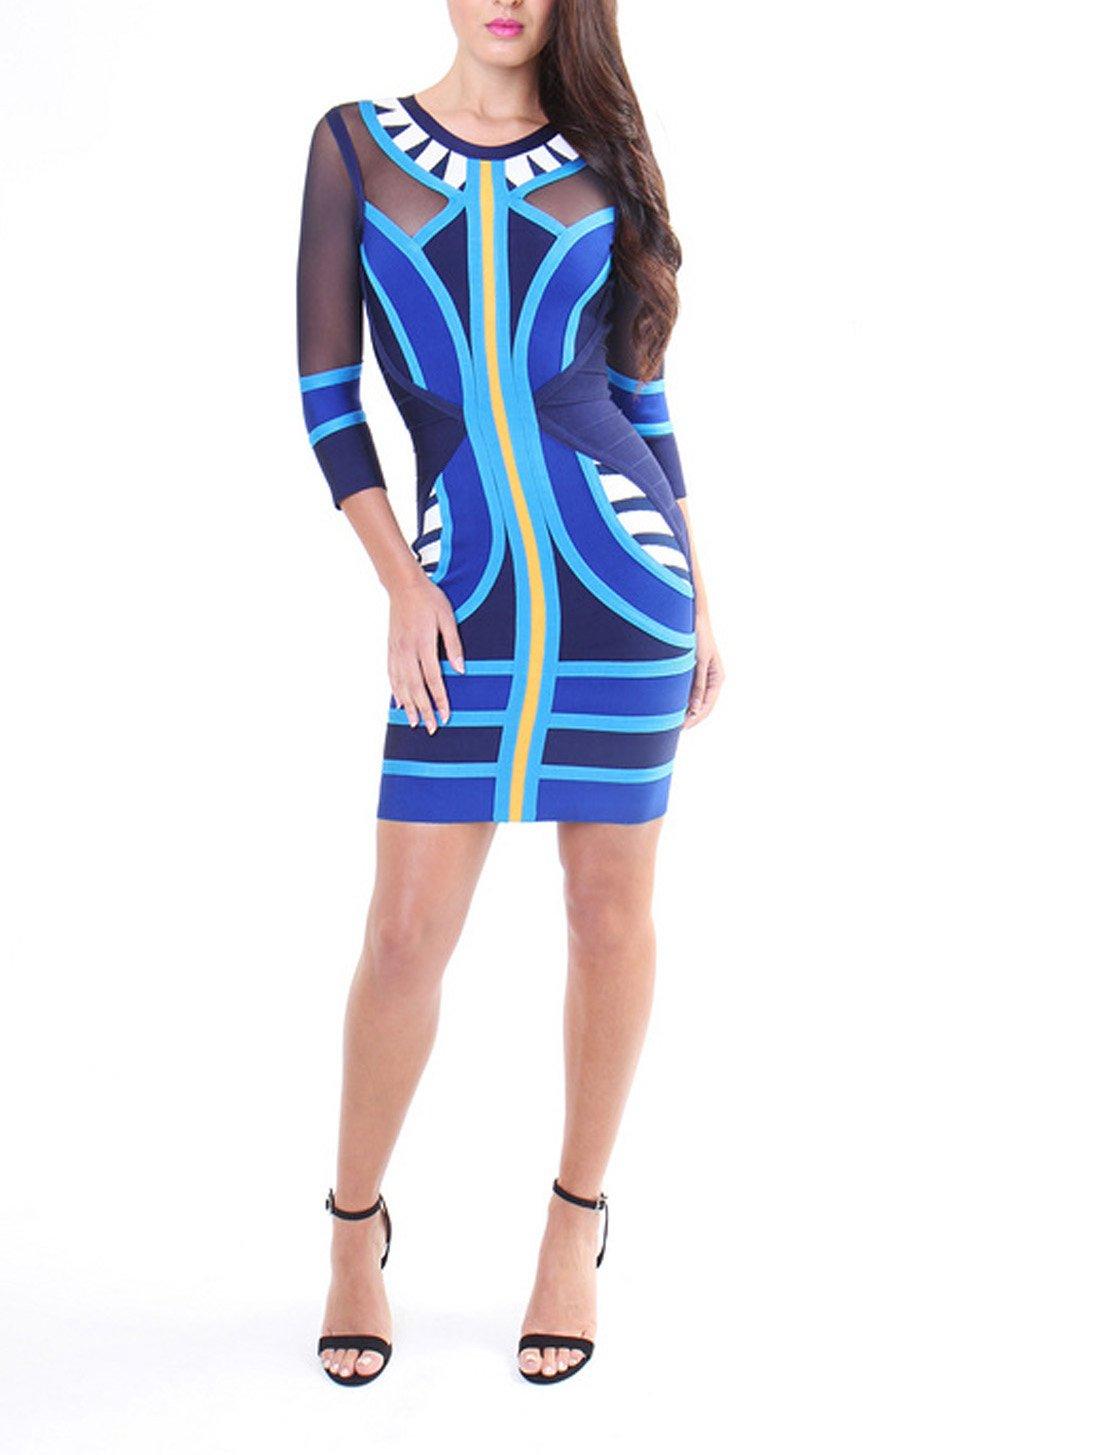 Whoinshop Women's 3/4 Sleeve Gauze Celebrity Style Bodycon Bandage Dress